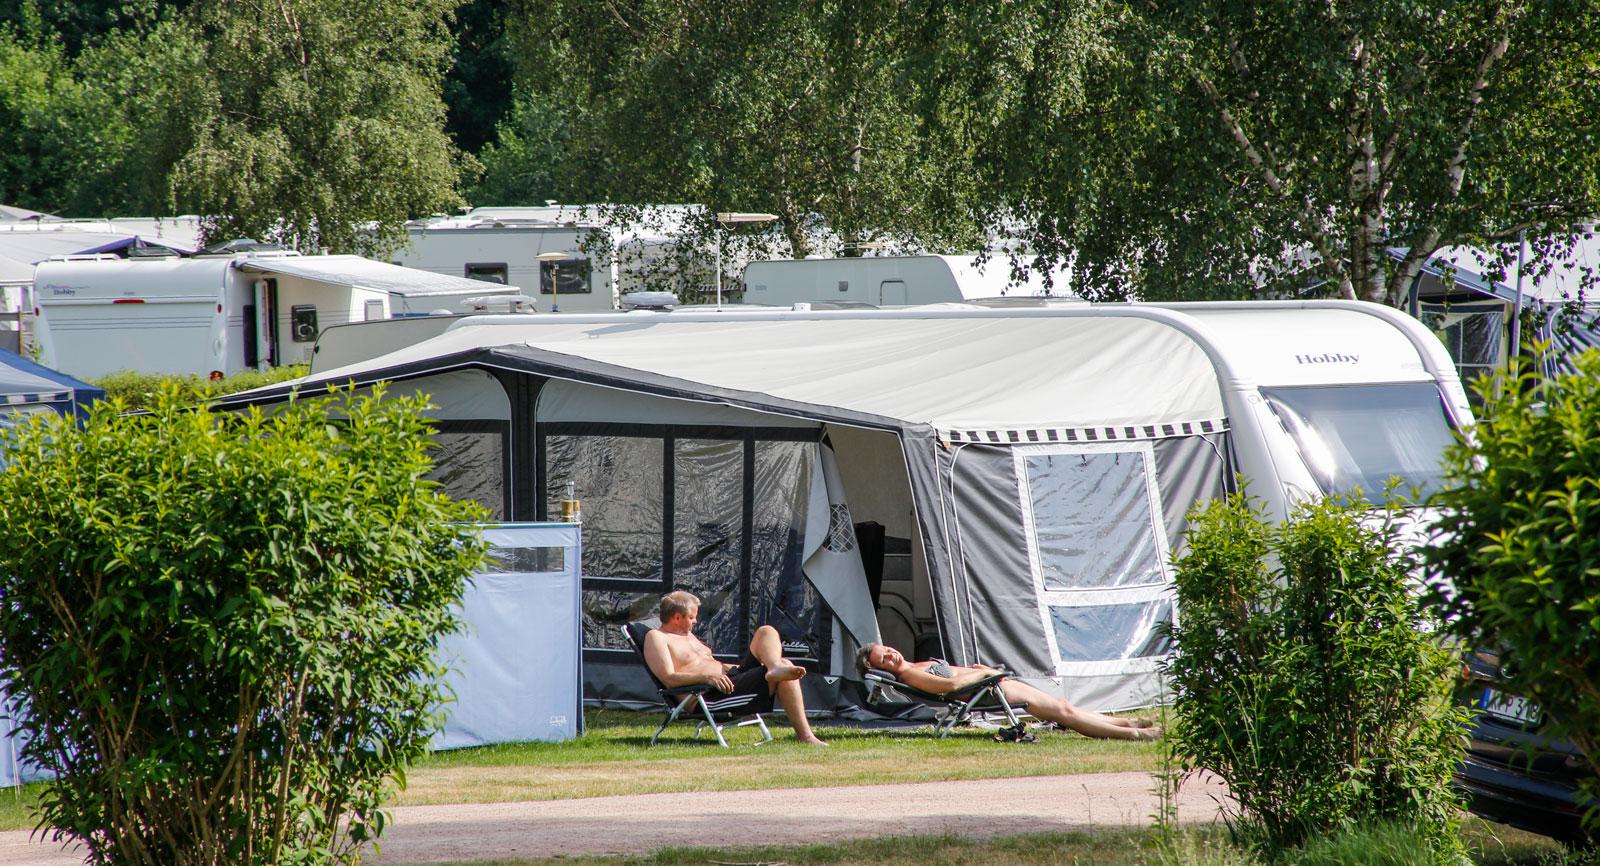 Närliggande Haverdals Camping är en bra bas för att upptäcka reservatet.